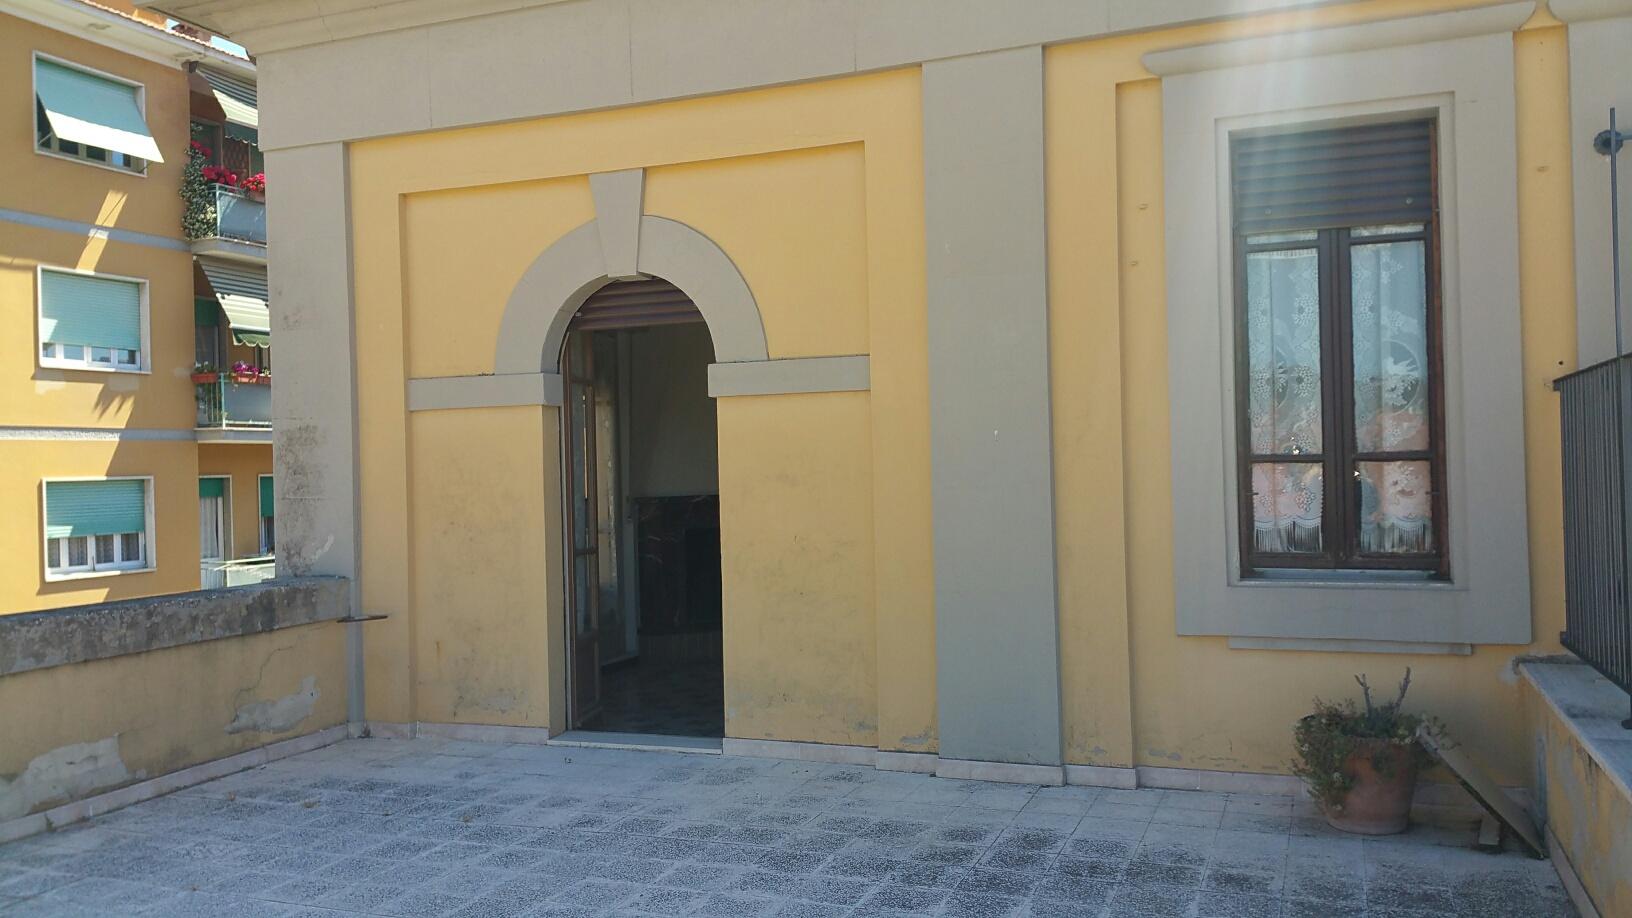 Appartamento in vendita a Ascoli Piceno, 3 locali, zona Località: CampoParignano, prezzo € 168.000   Cambio Casa.it